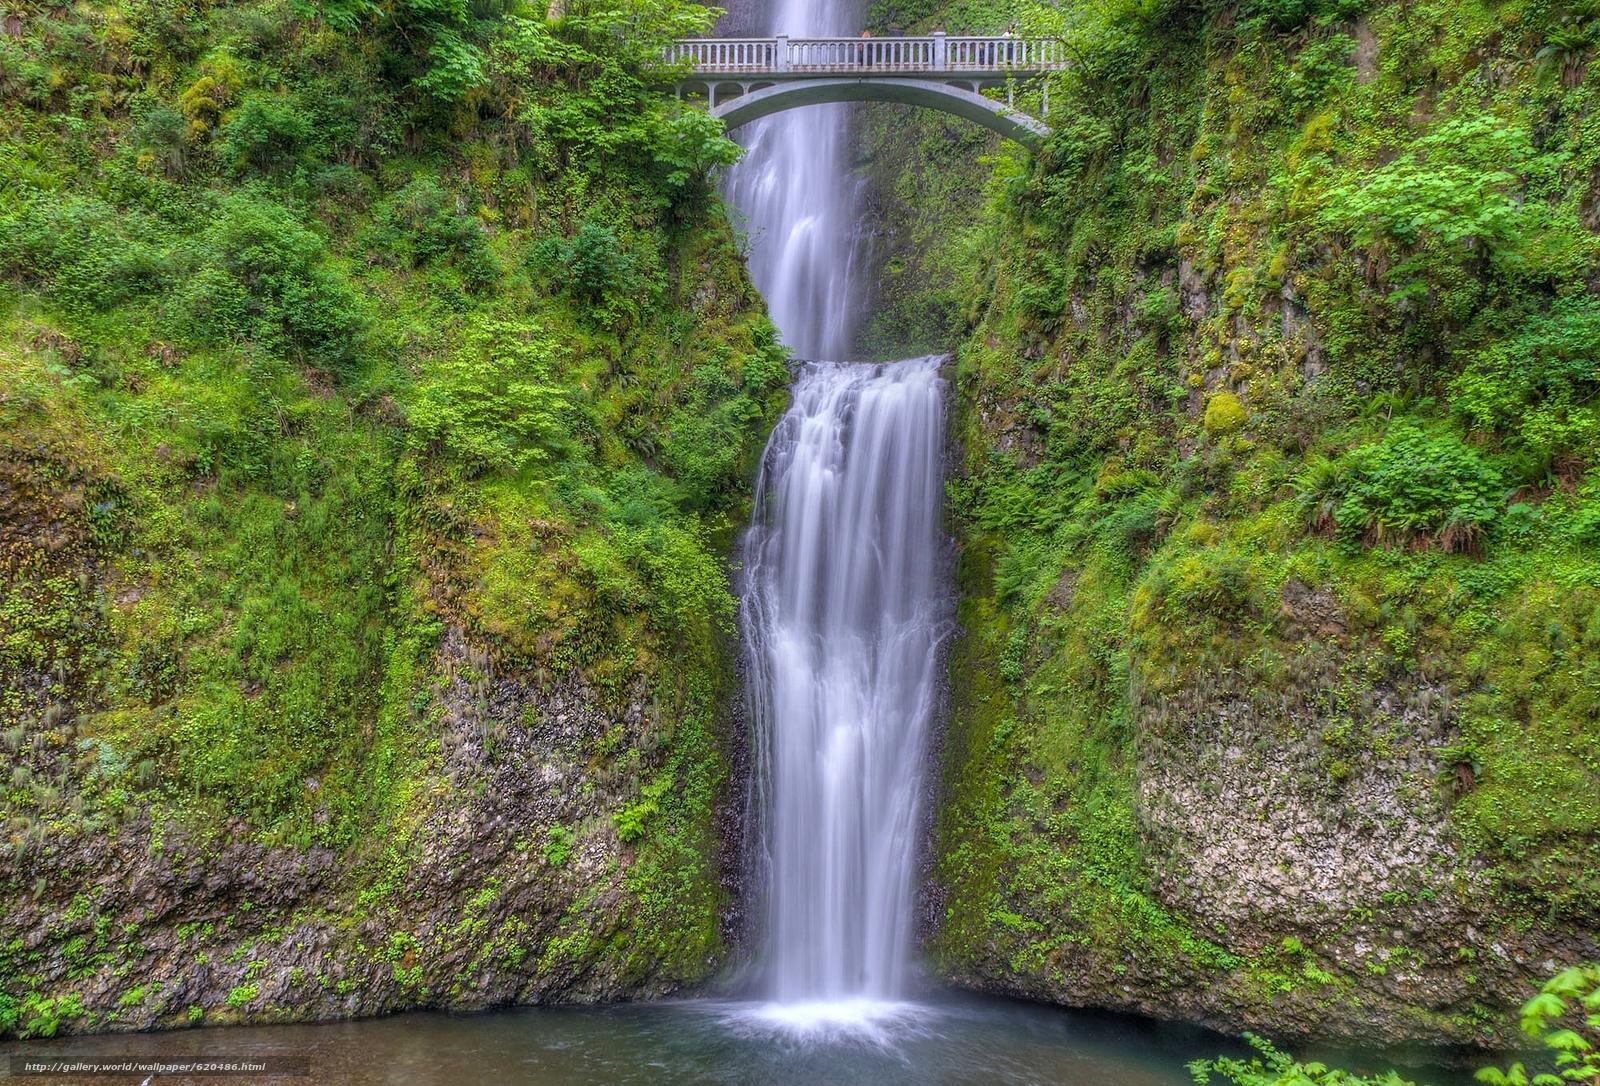 Nature Wallpaper Waterfall Columbia River Oregon: Download Wallpaper Multnomah Falls, Benson Bridge